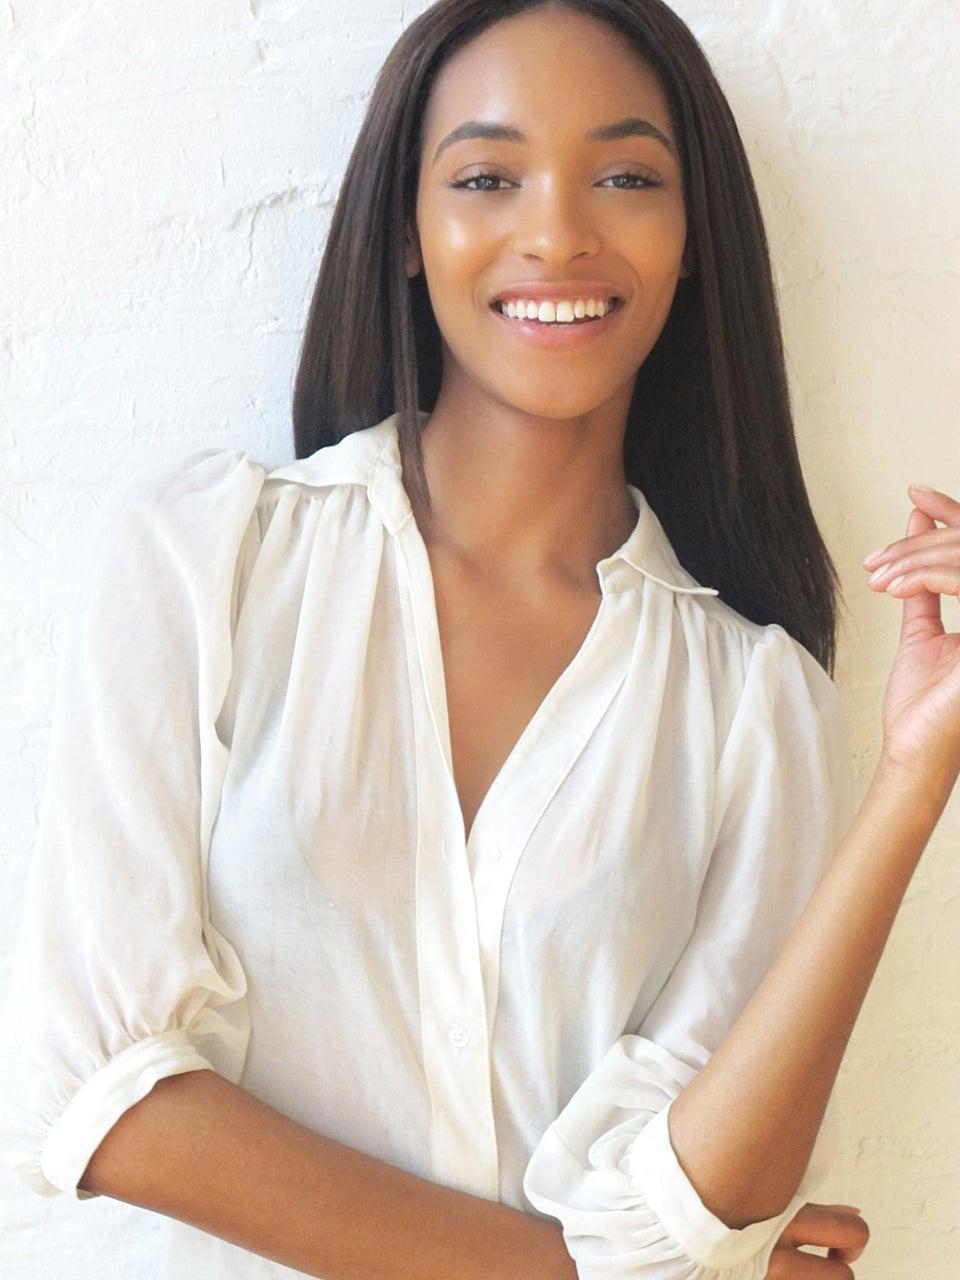 Jourdan Dunn is Maybelline's Newest Spokesmodel